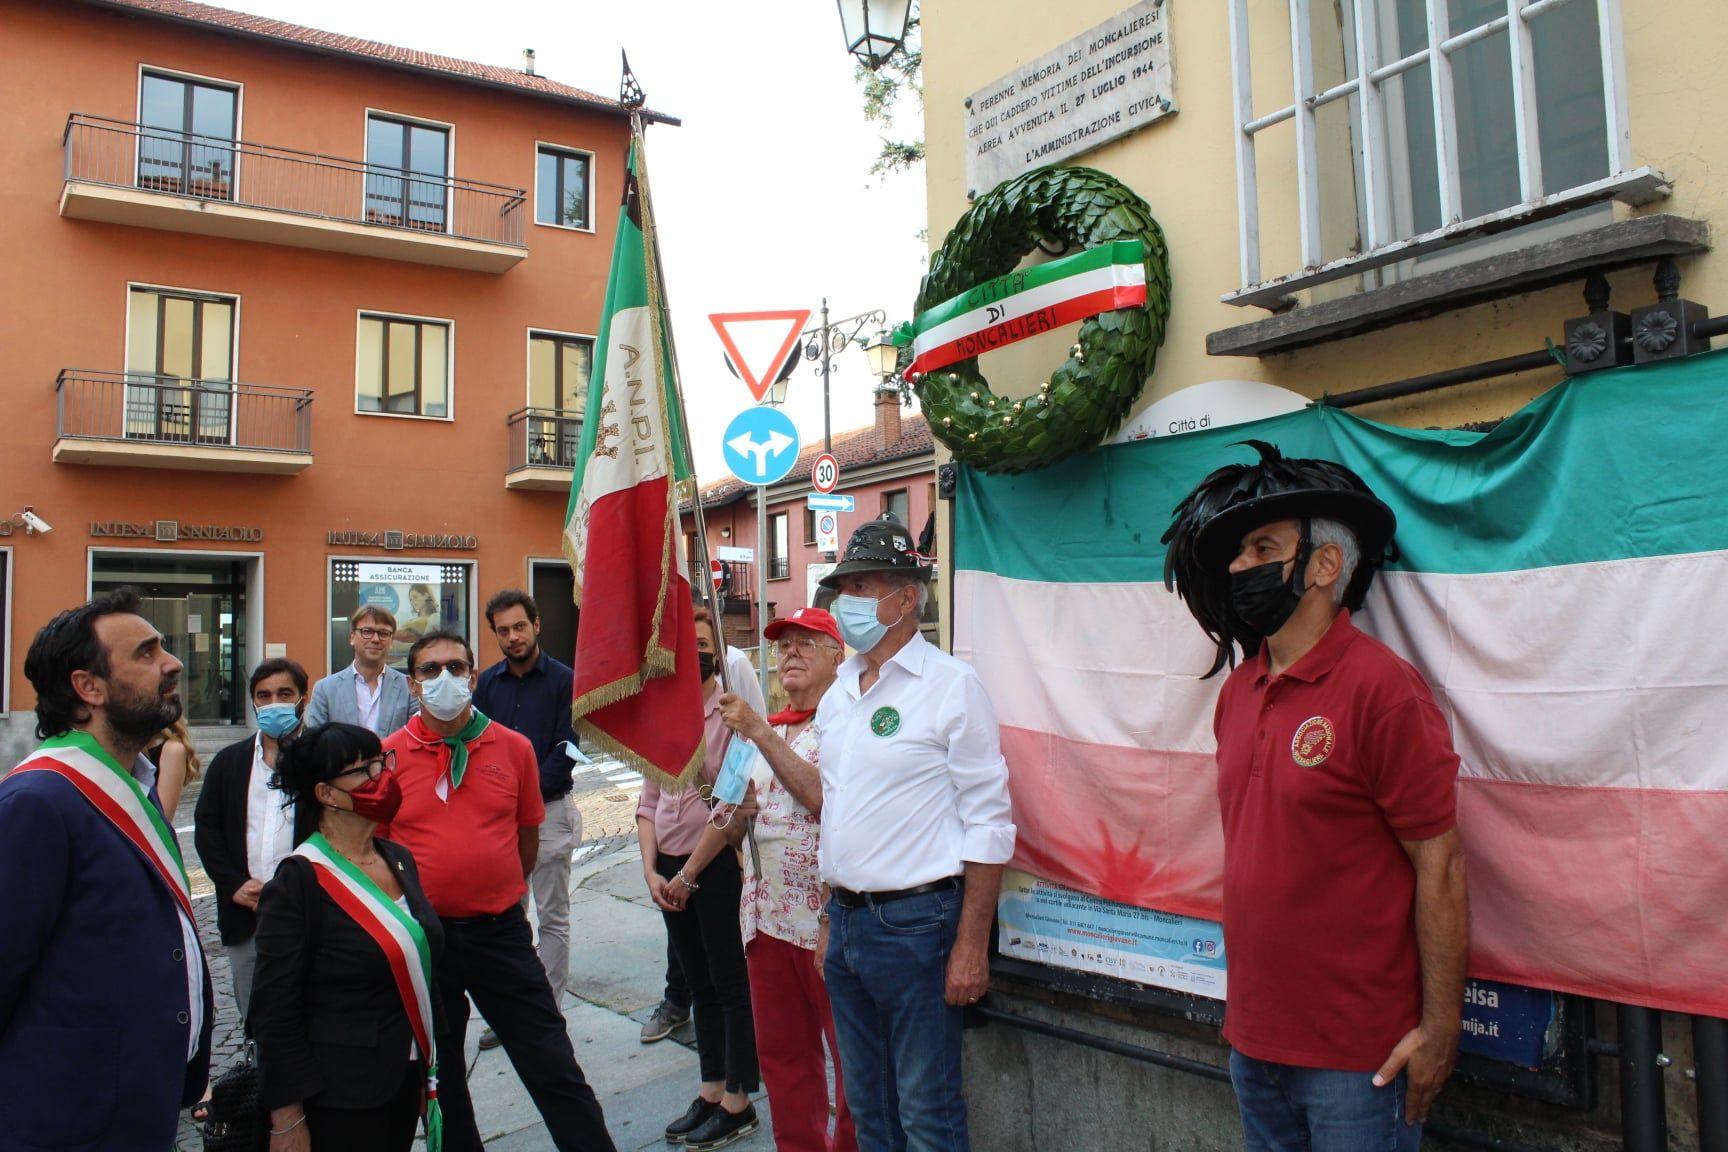 MONCALIERI - La città ricorda il sacrificio dei tre martiri della Resistenza uccisi il 27 luglio 1944